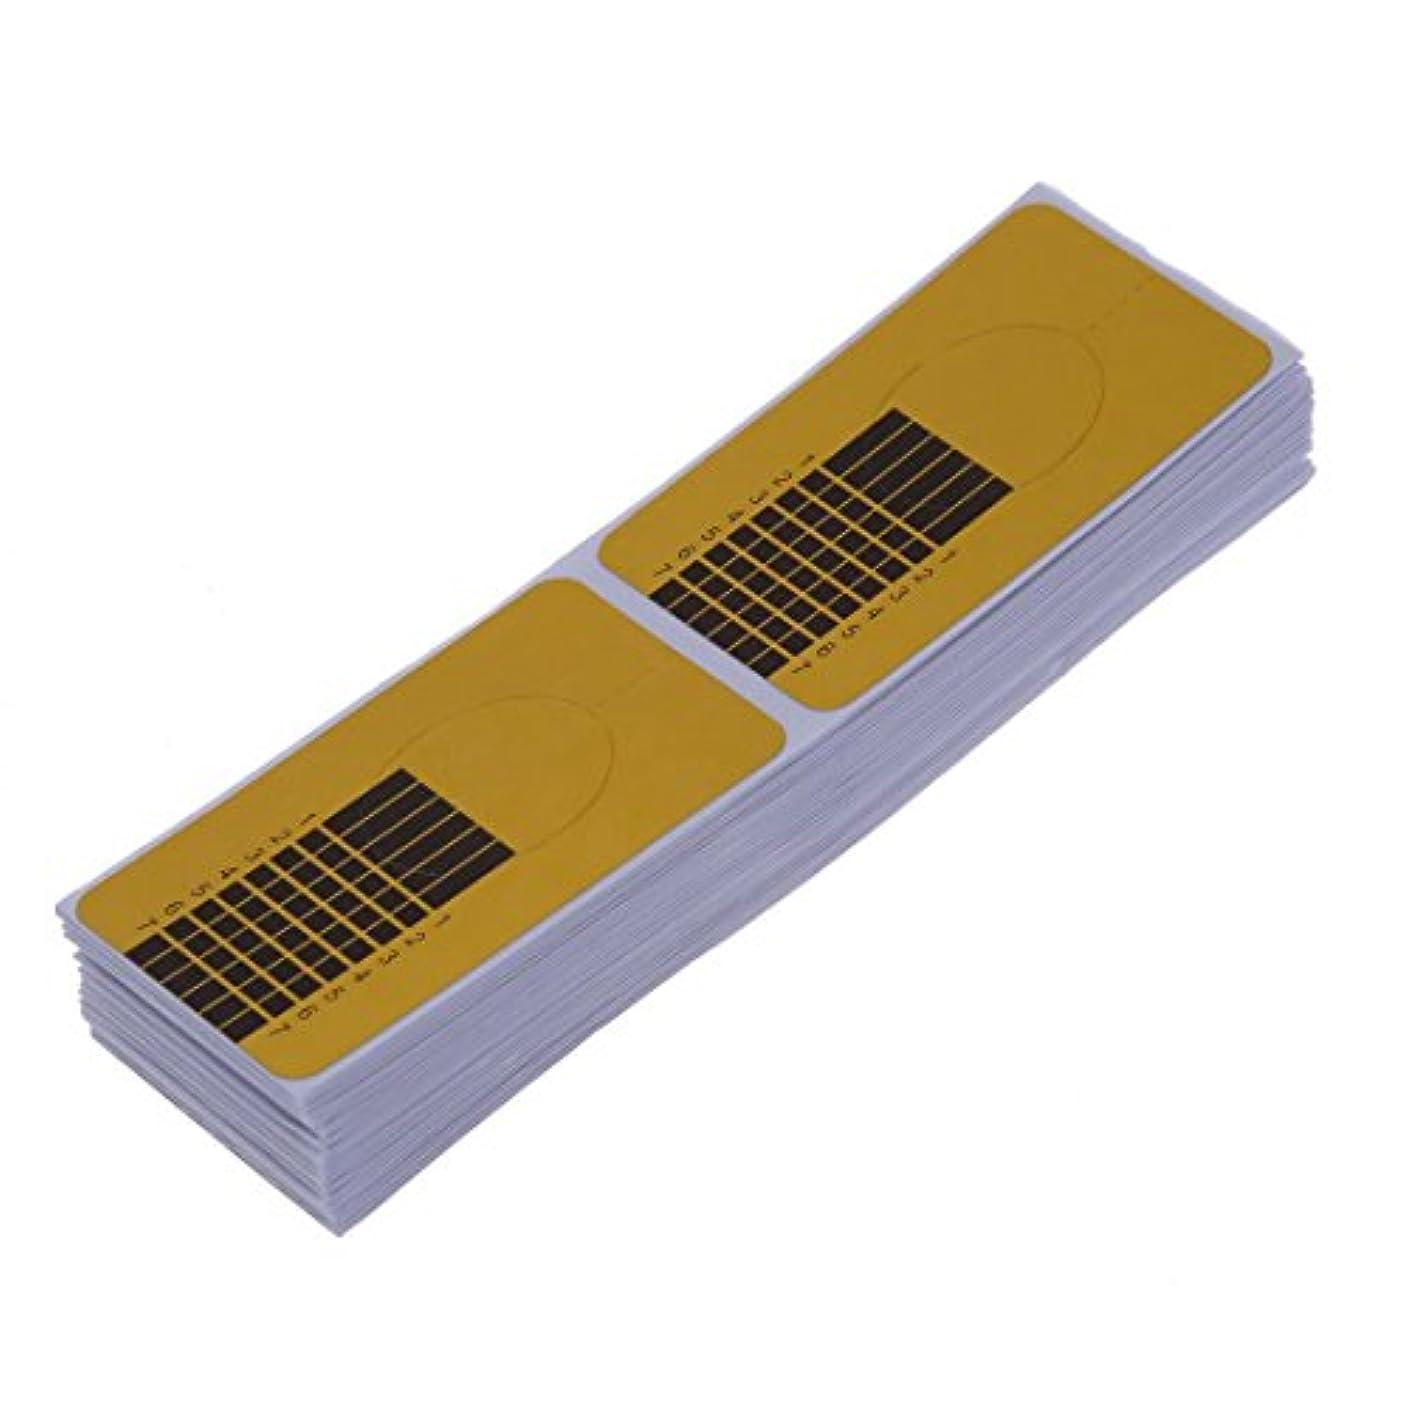 バタフライ装置承知しましたガイドステッカー,SODIAL(R)100xネイルアートチップ ゴールデン拡張ガイドフォーム DIYツール アクリル系UVジェル